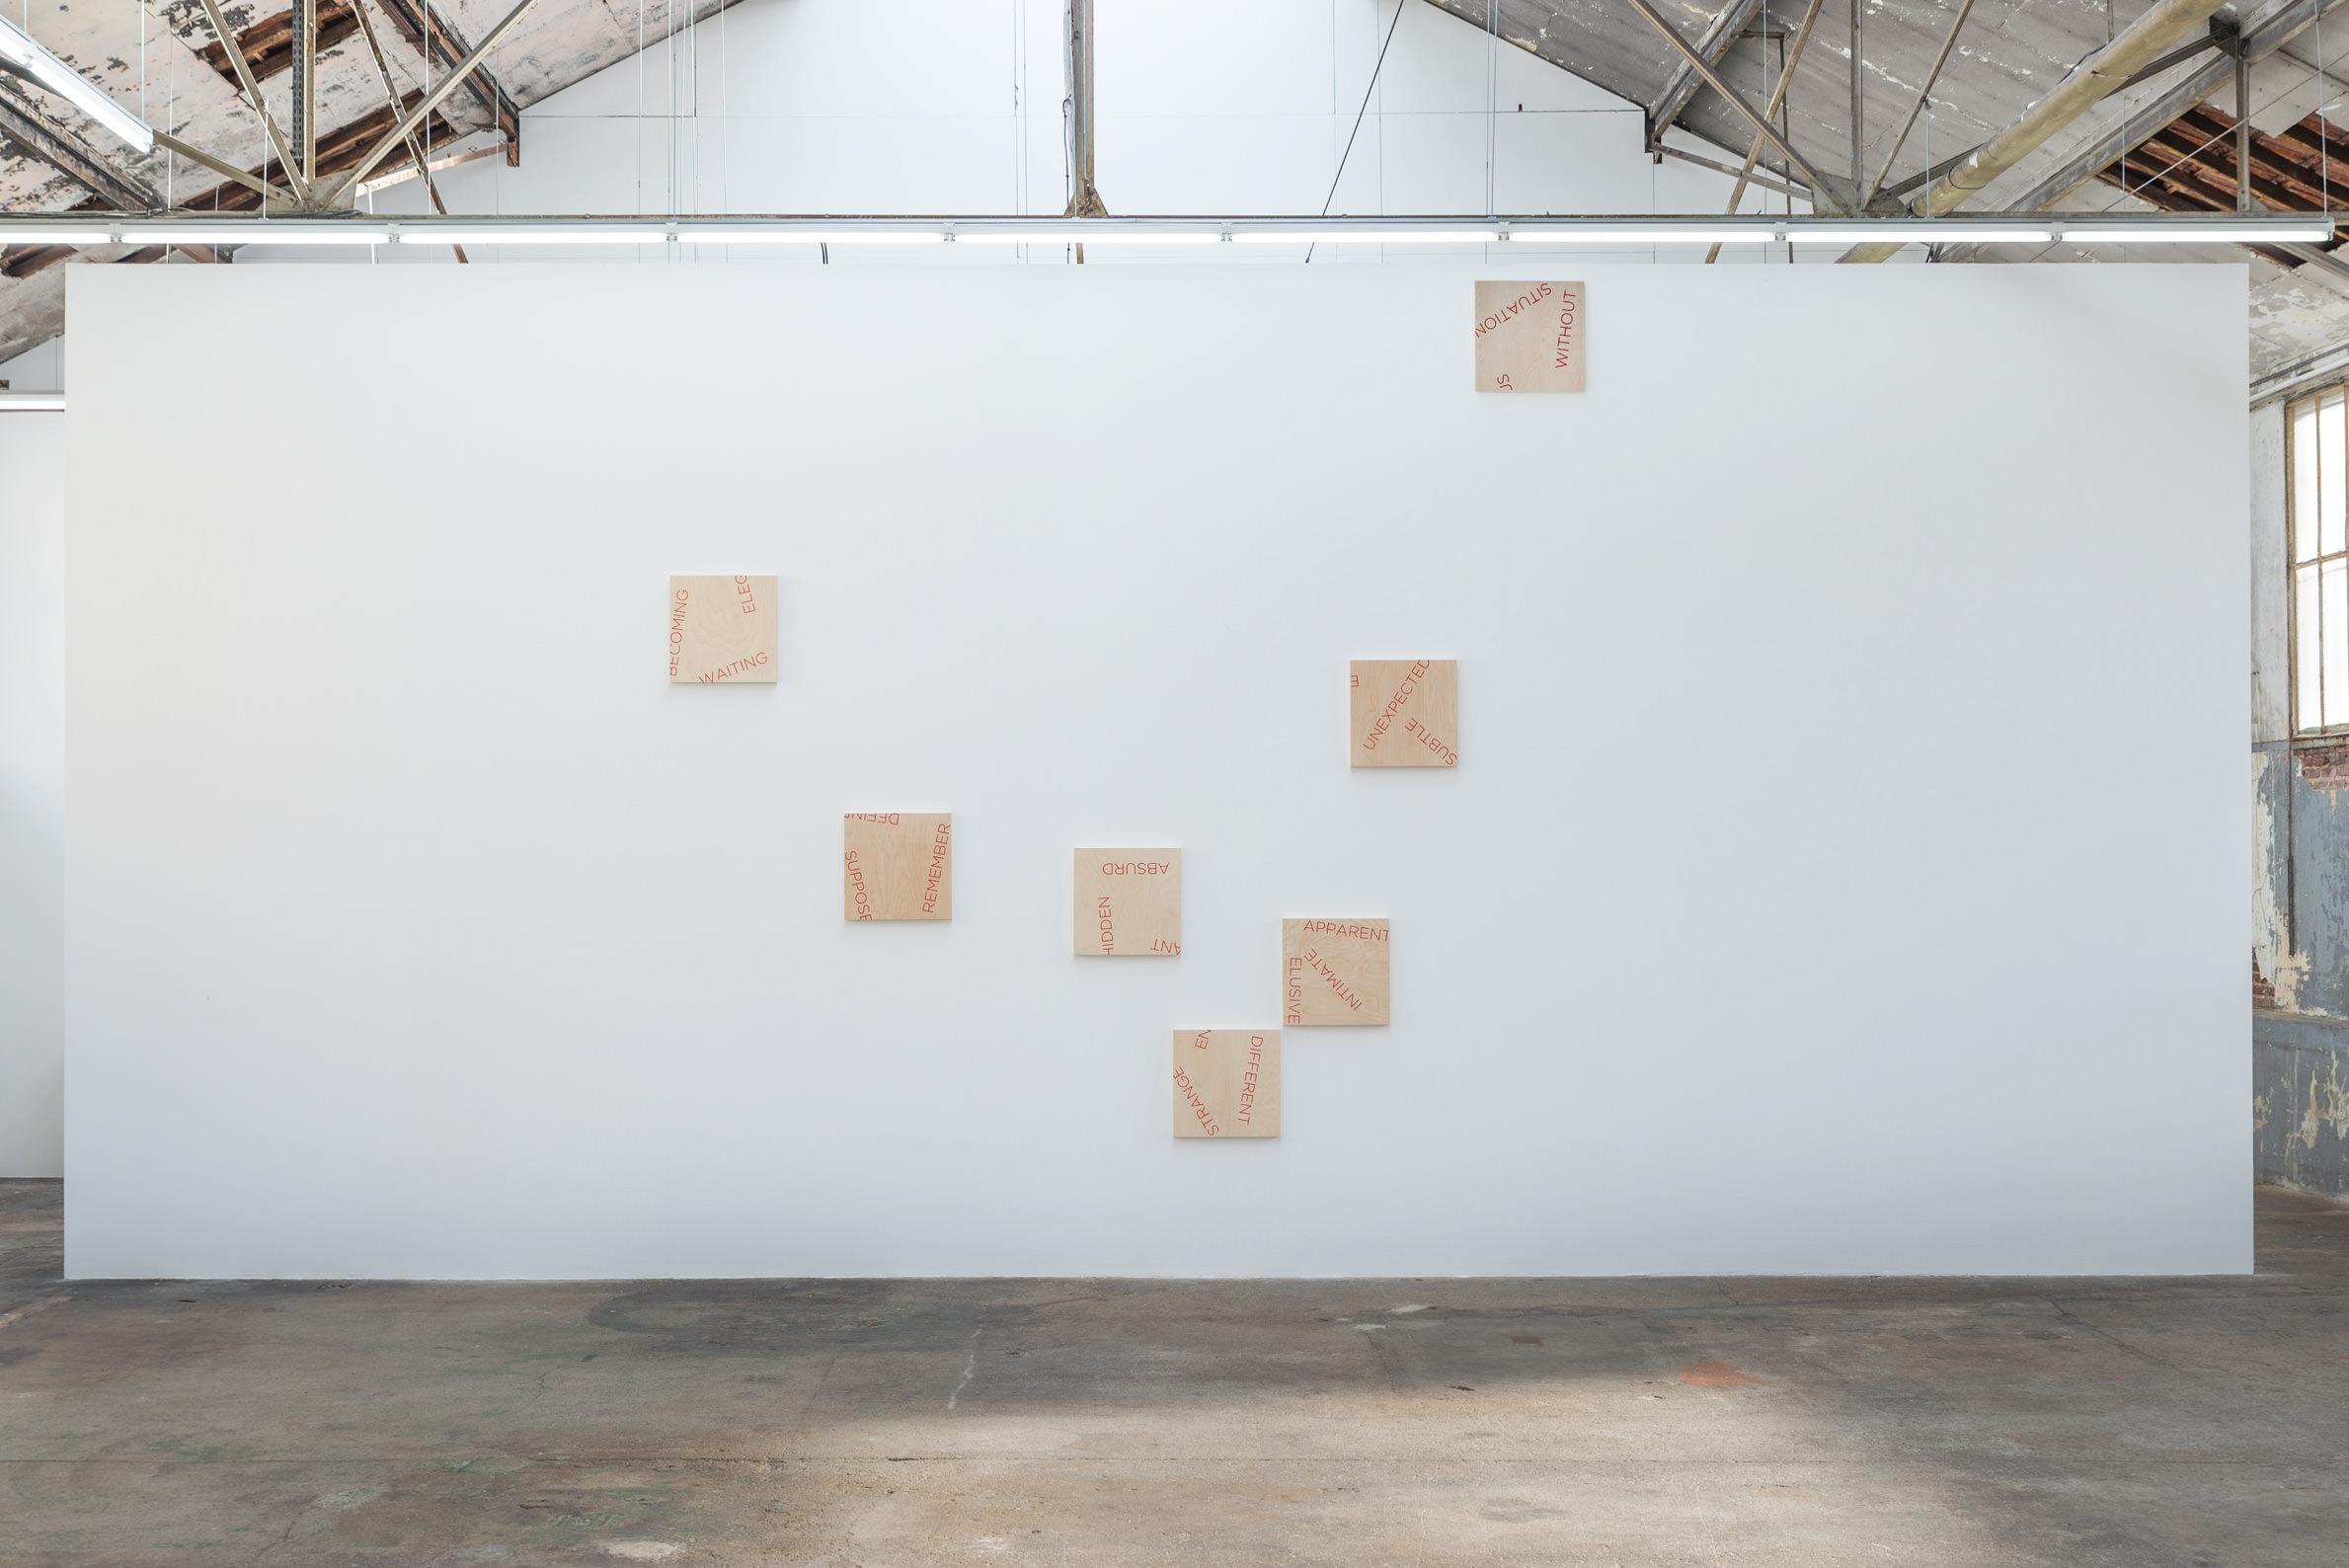 T l pathie et jeux de hasard robert barry la galerie for Art minimal et conceptuel